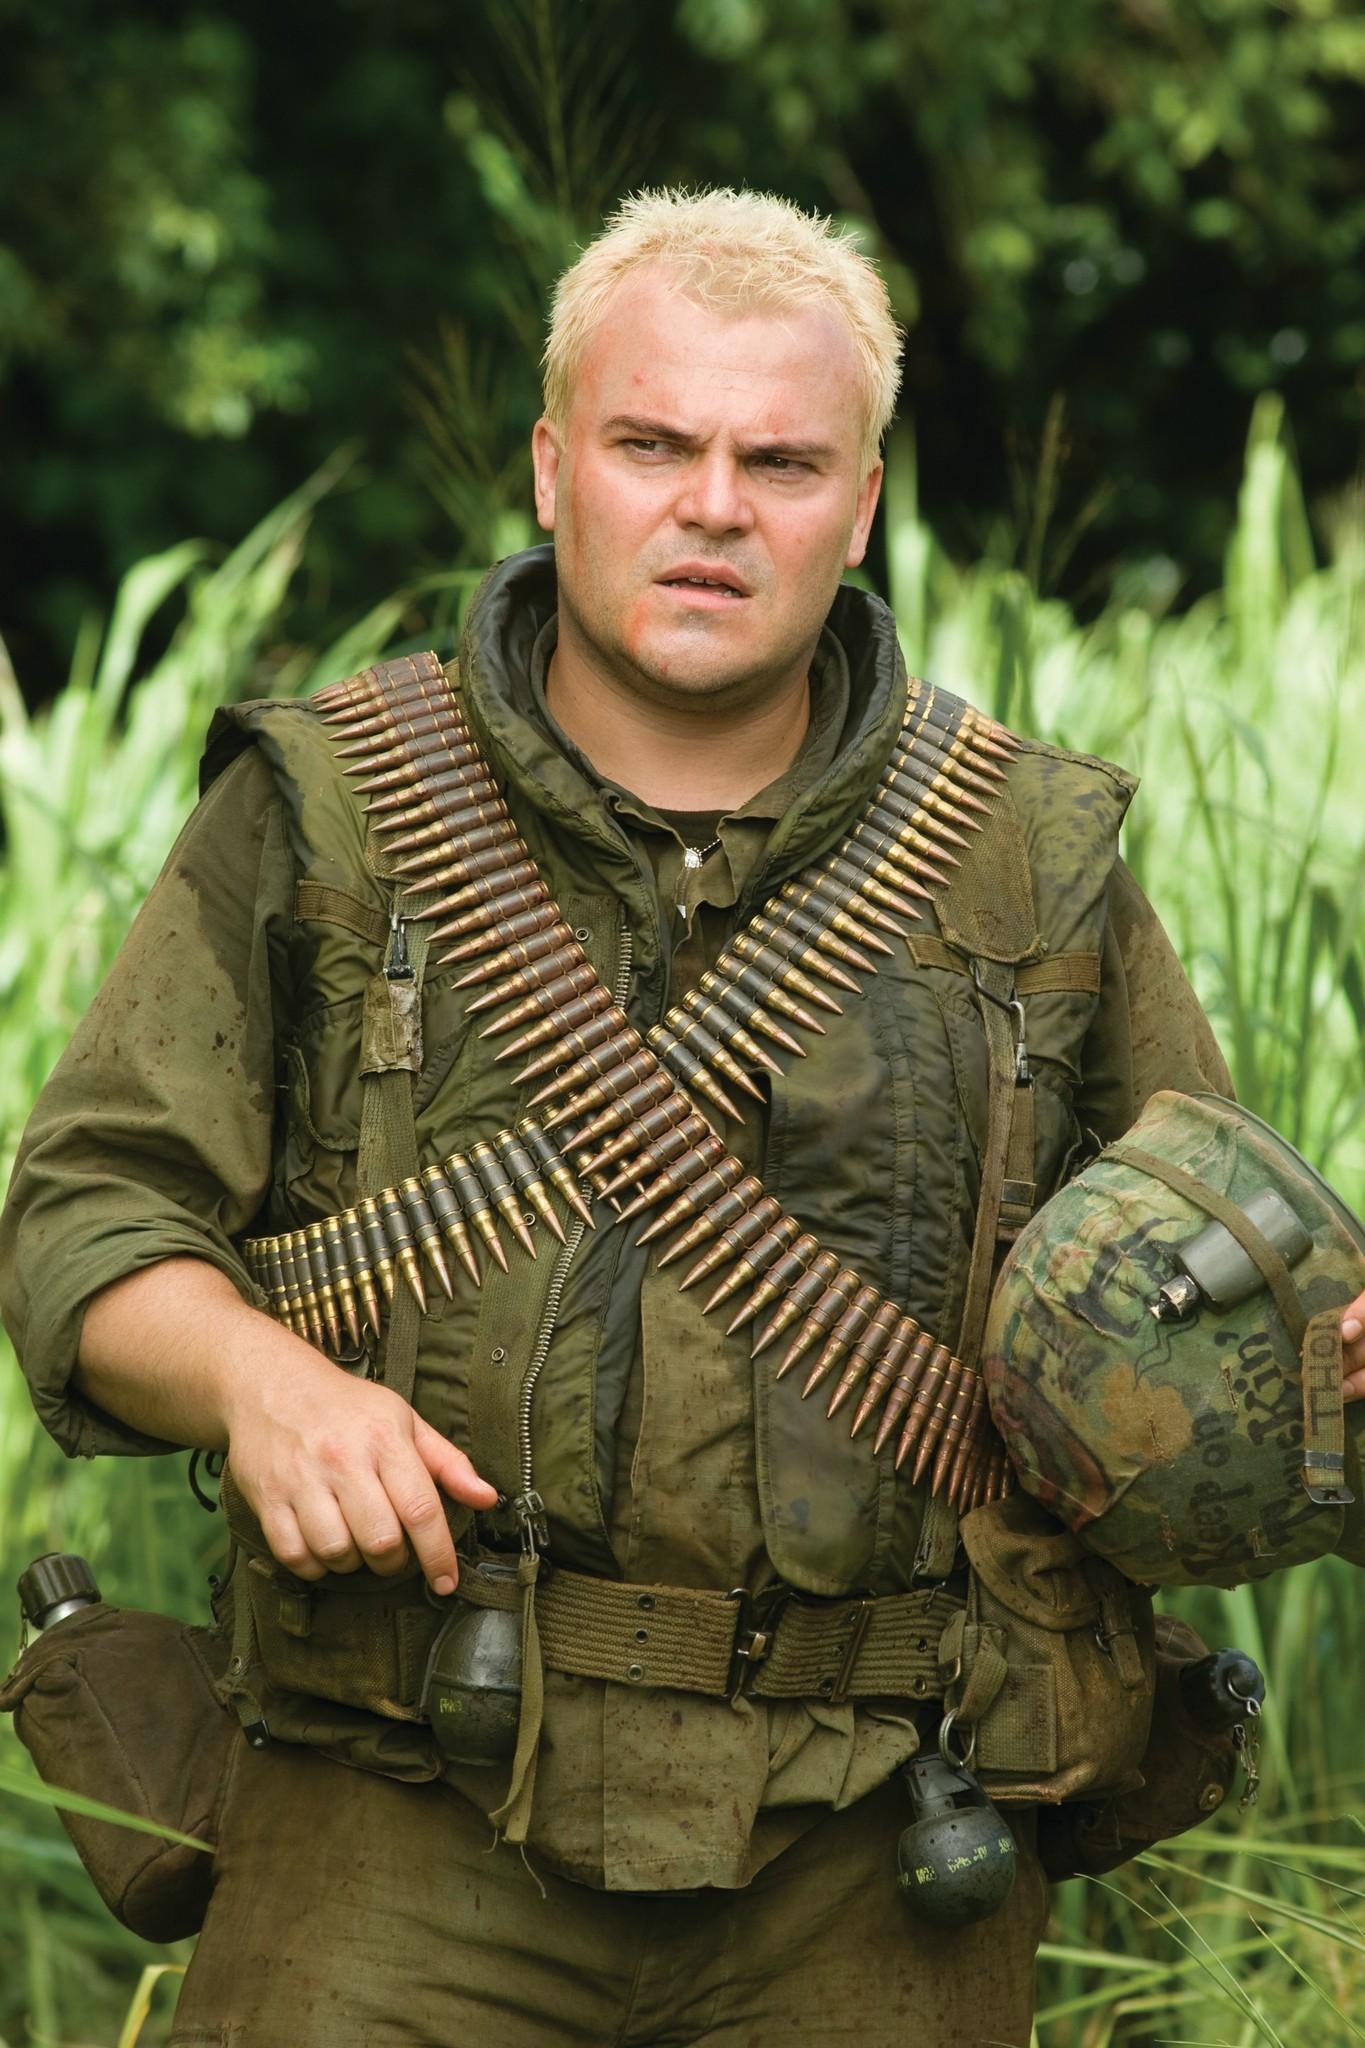 Jack Black in Tropic Thunder (2008)